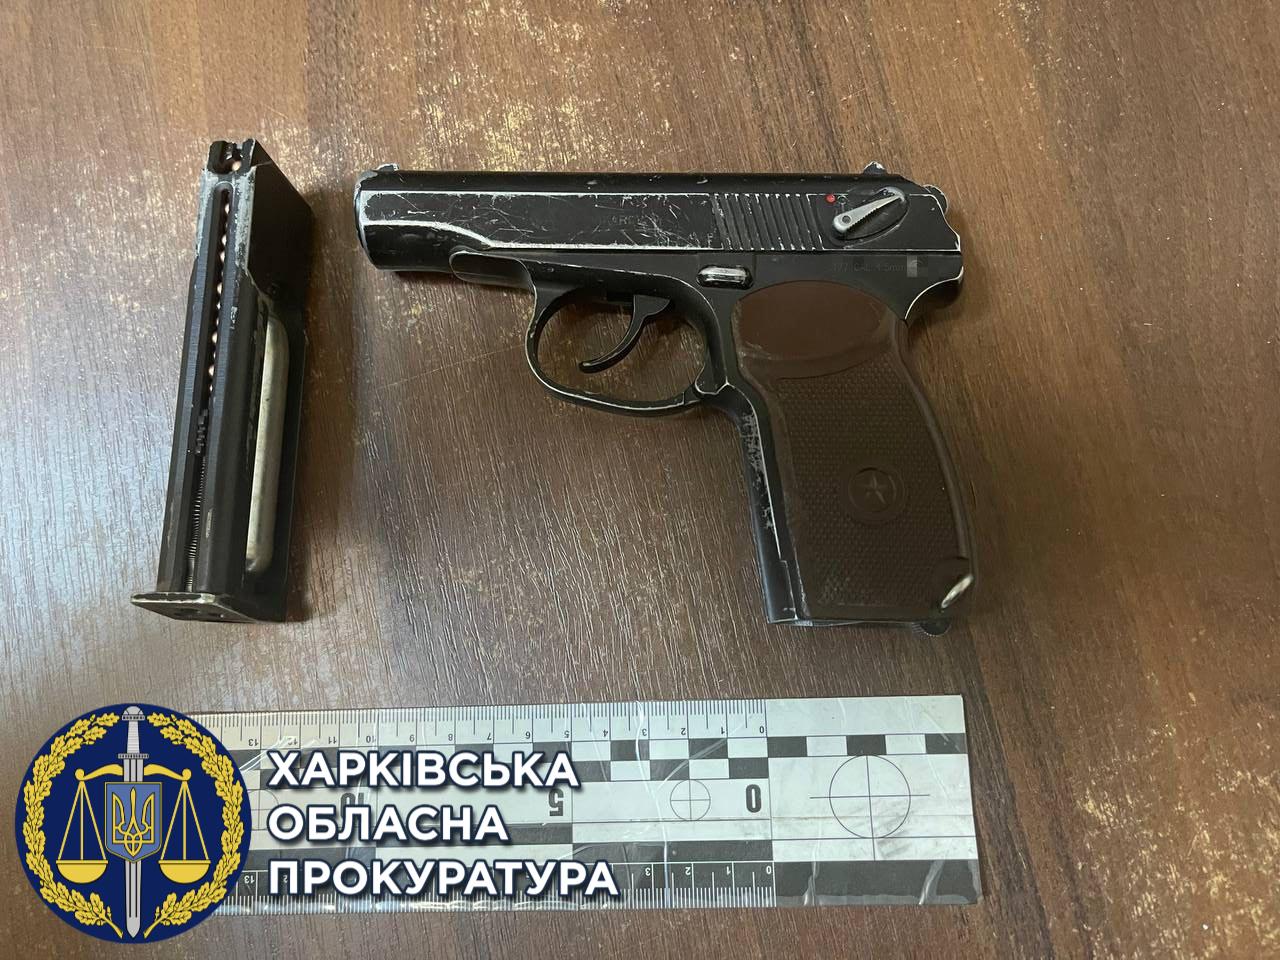 В Харькове водитель выстрелил в прохожего – злоумышленник найден (фото)